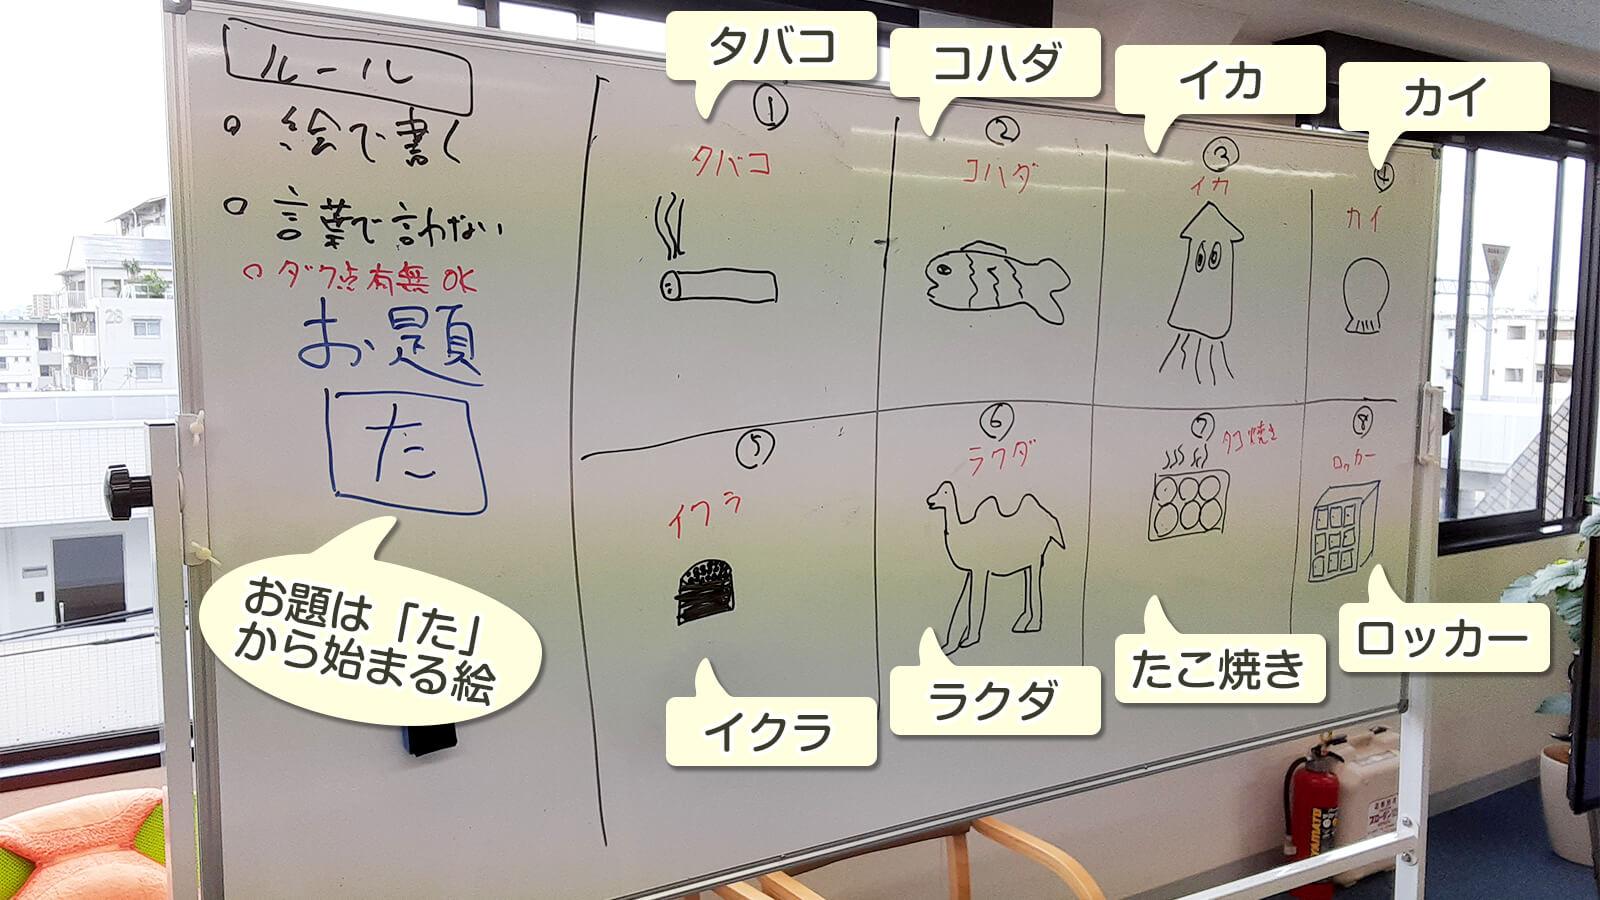 「絵しりとり」で就職に役立つ非言語コミュニケーションを訓練画像1